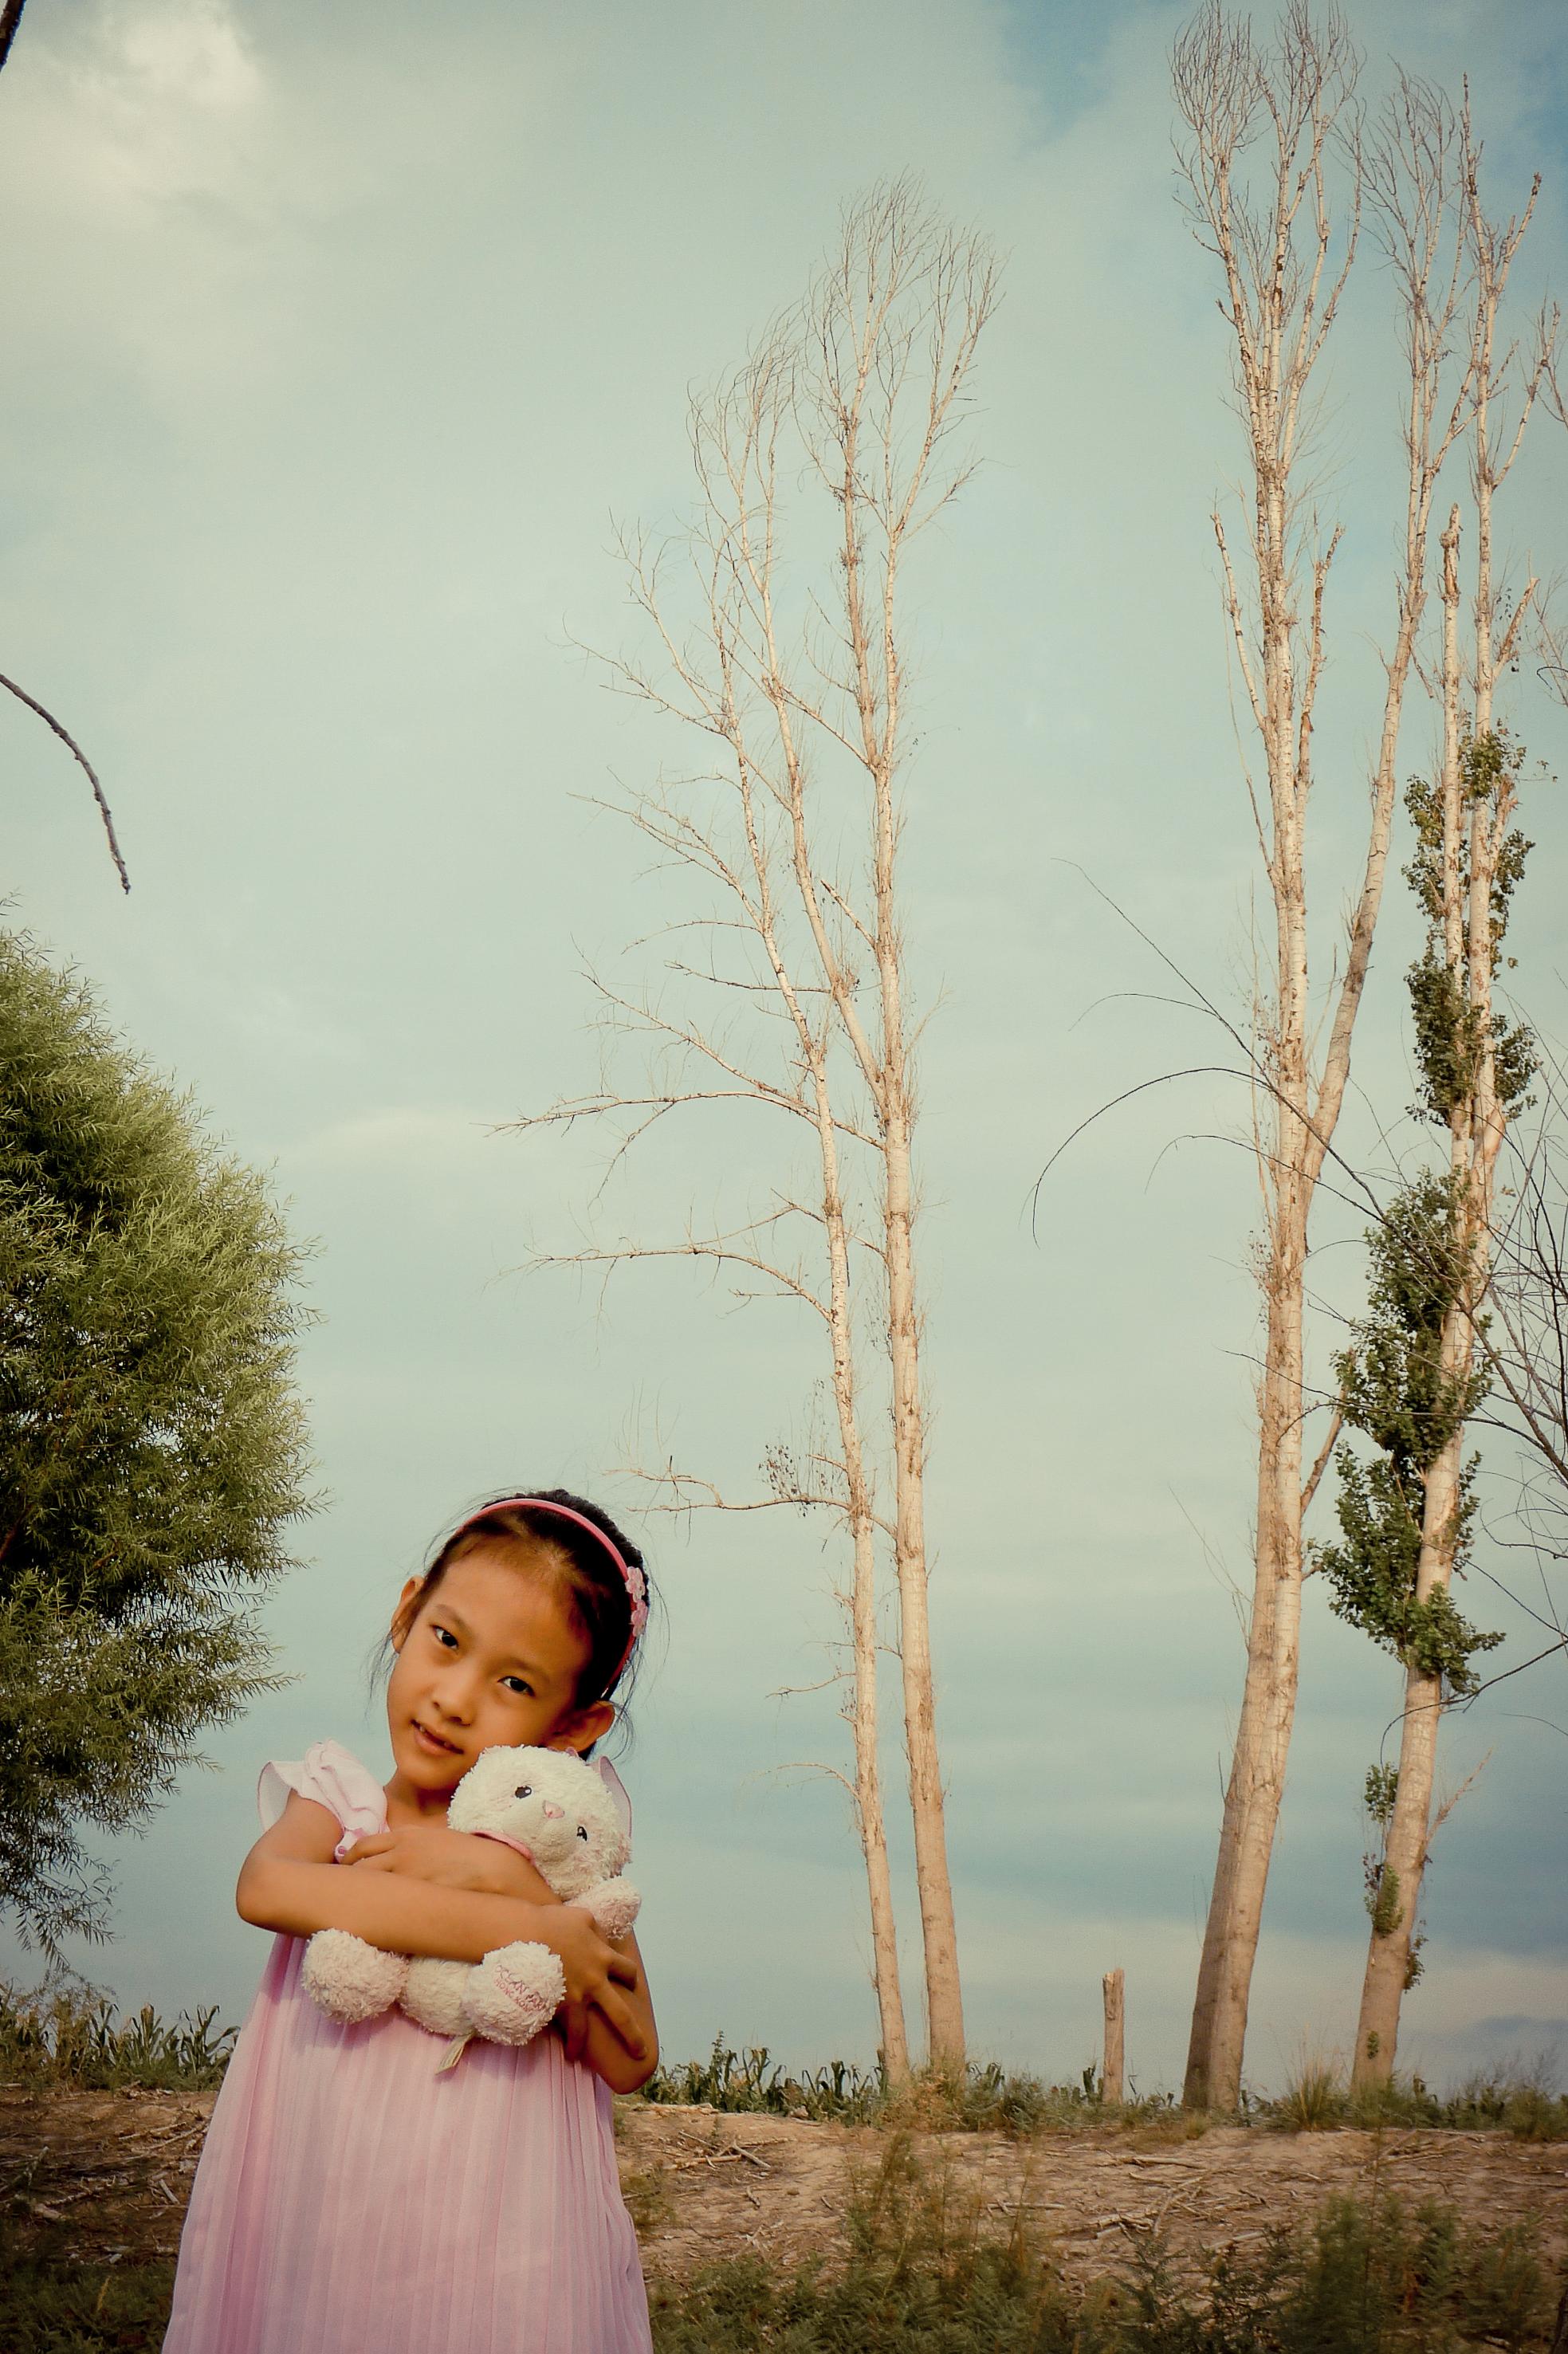 2012 暑假写话 2012-7-10  可爱的小熊&nb